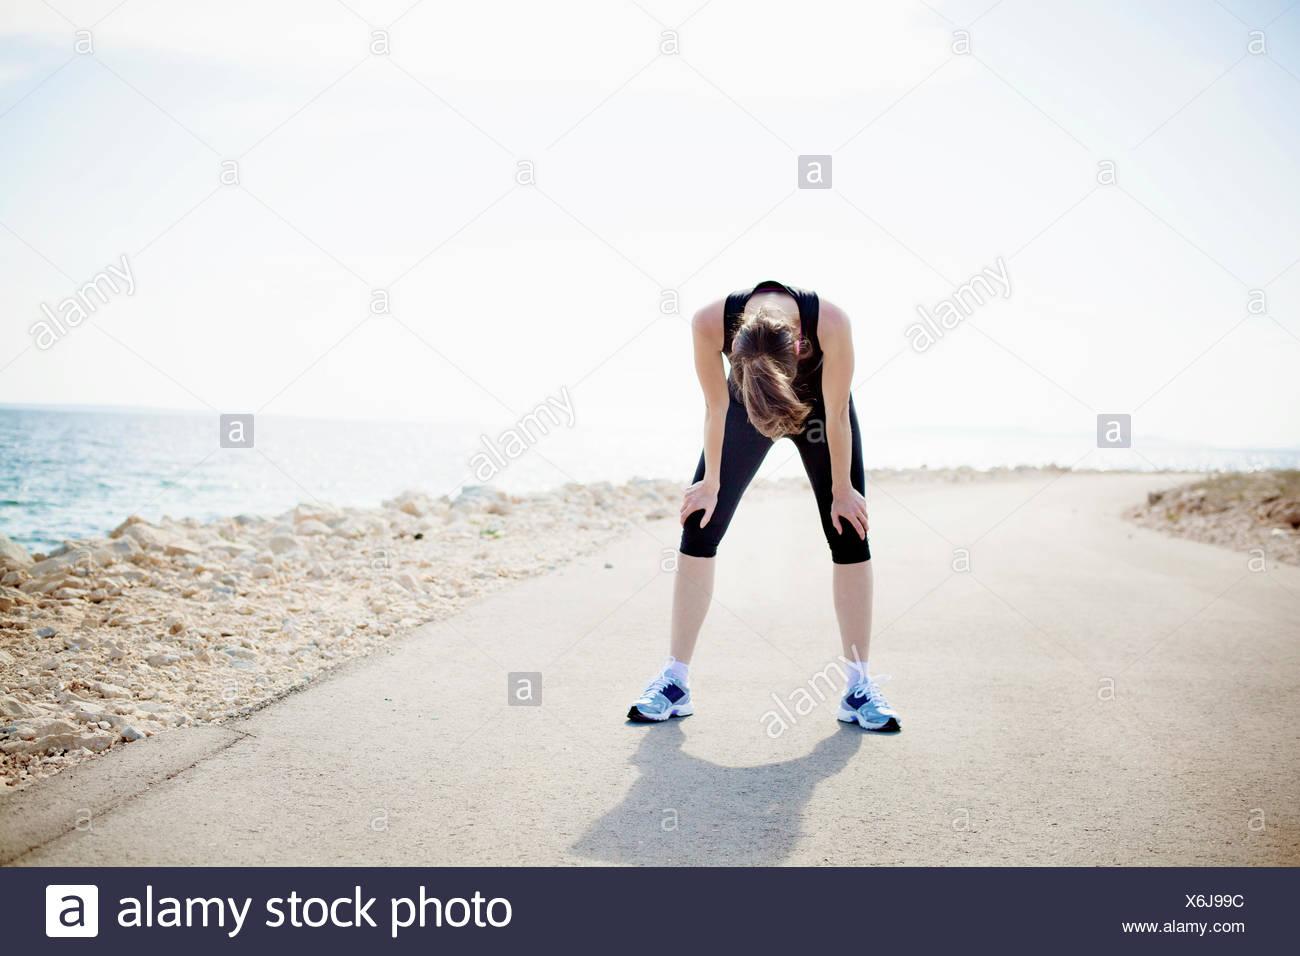 Frau in Sportkleidung auf Wasser Weg Stockbild